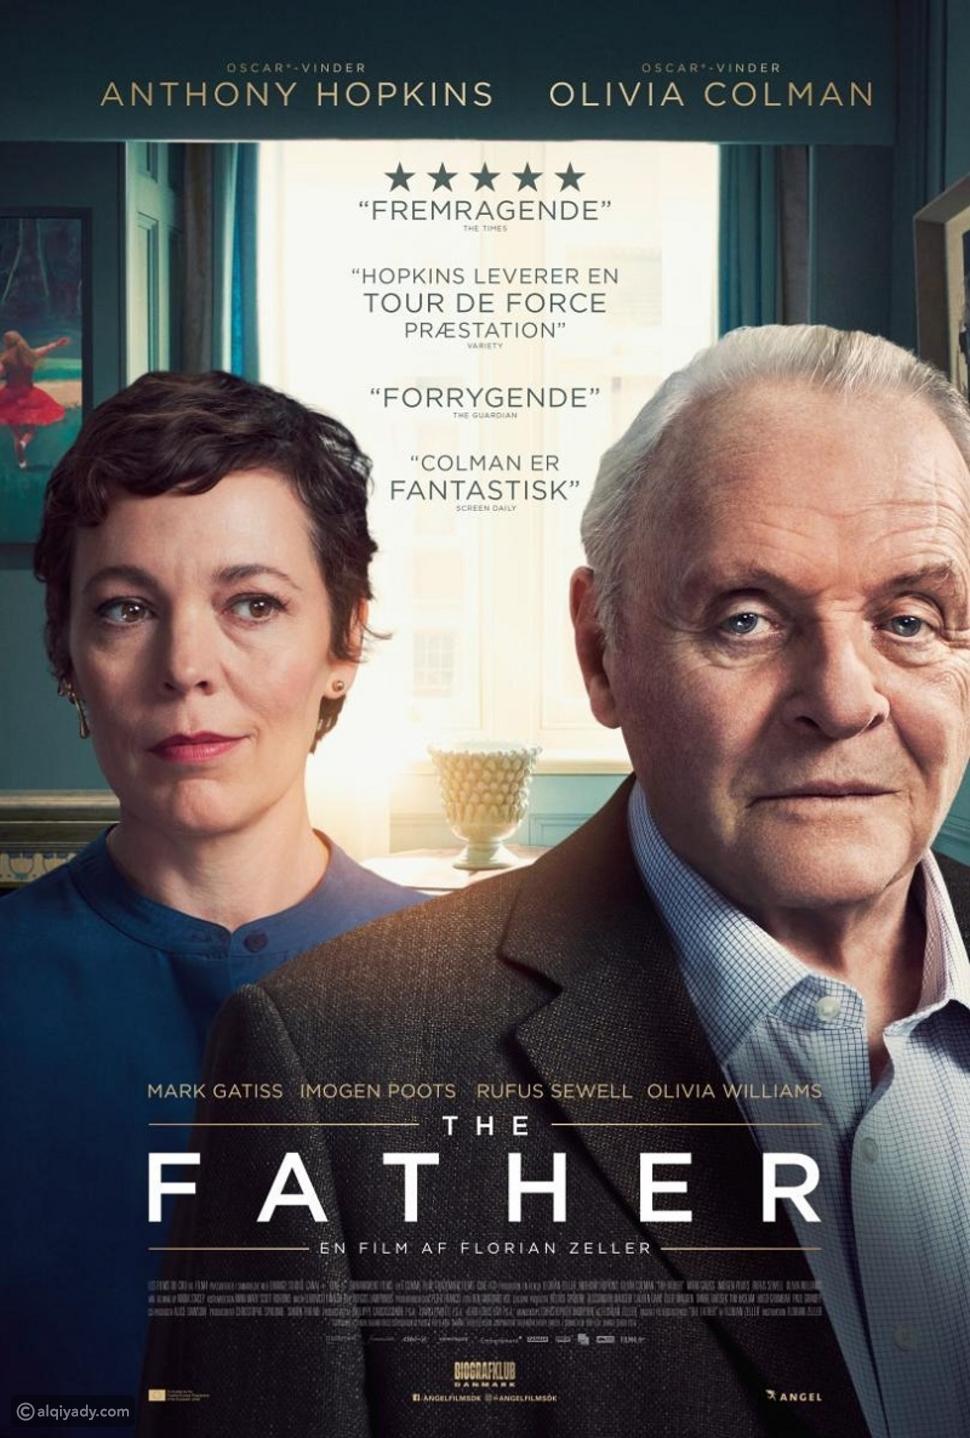 The Father: عندما تتلاعب الذاكرة بأب يعيش أيامه الأخيرة